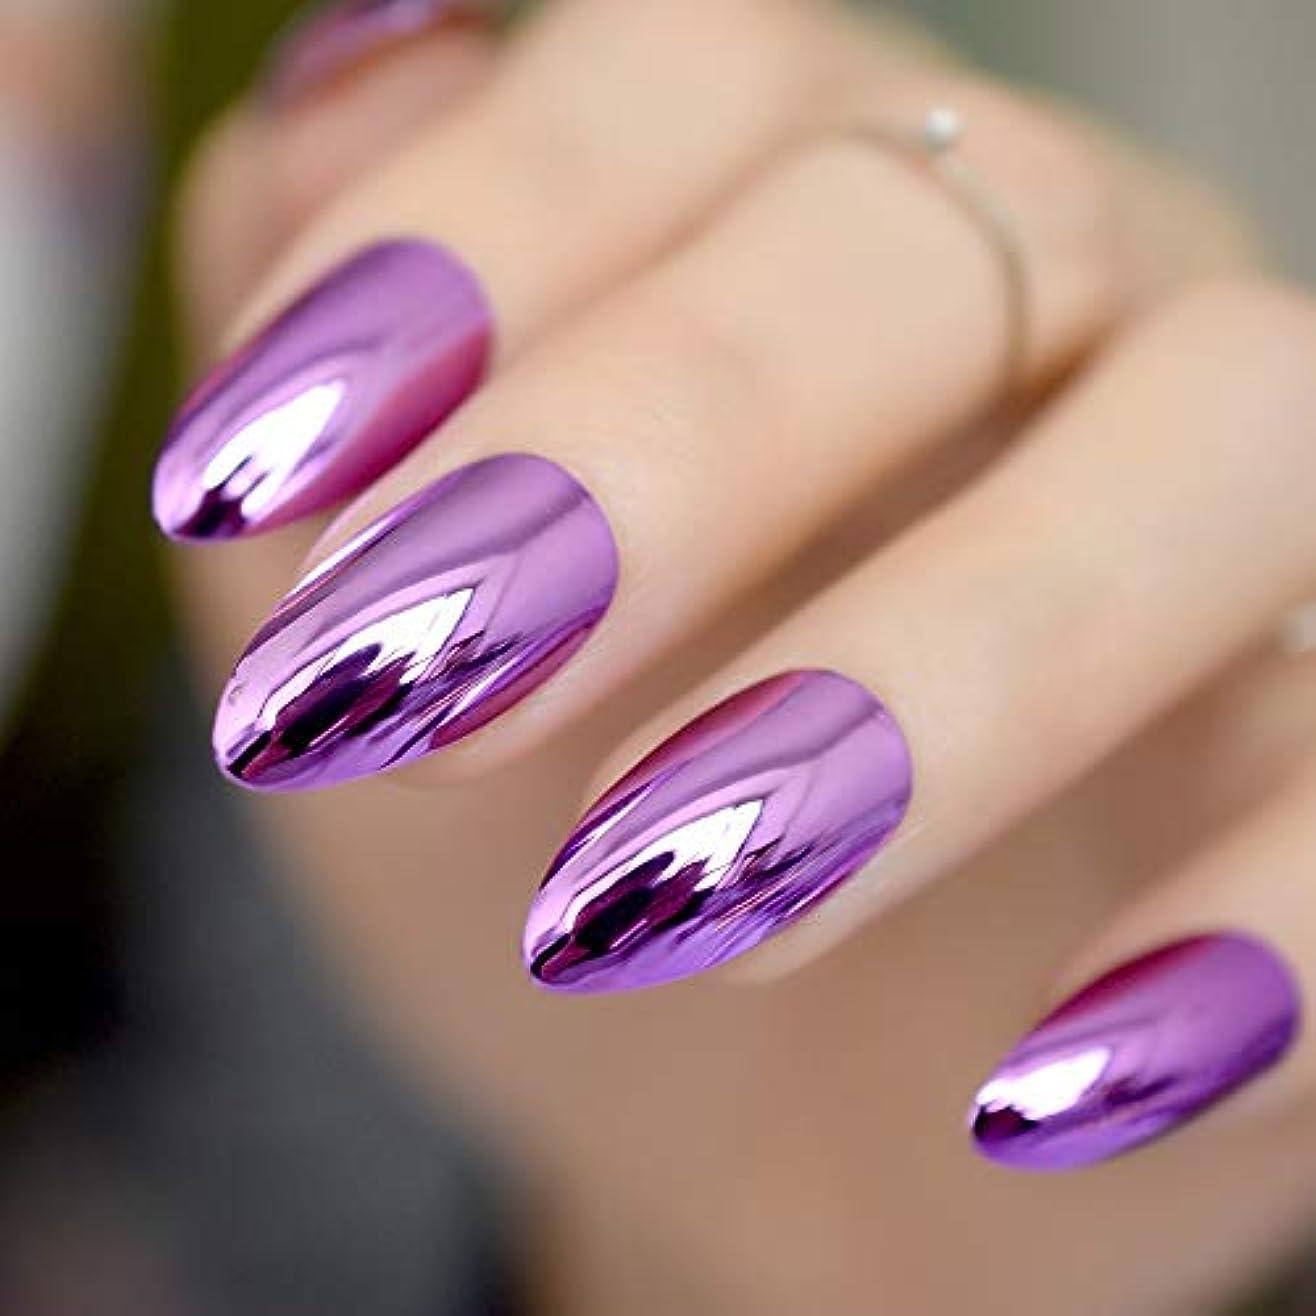 休戦混沌多用途XUTXZKA 女性の指のヒントのためのアクリルパープル偽ネイルメタルミラー偽ネイルミディアムシャープスチレットネイル